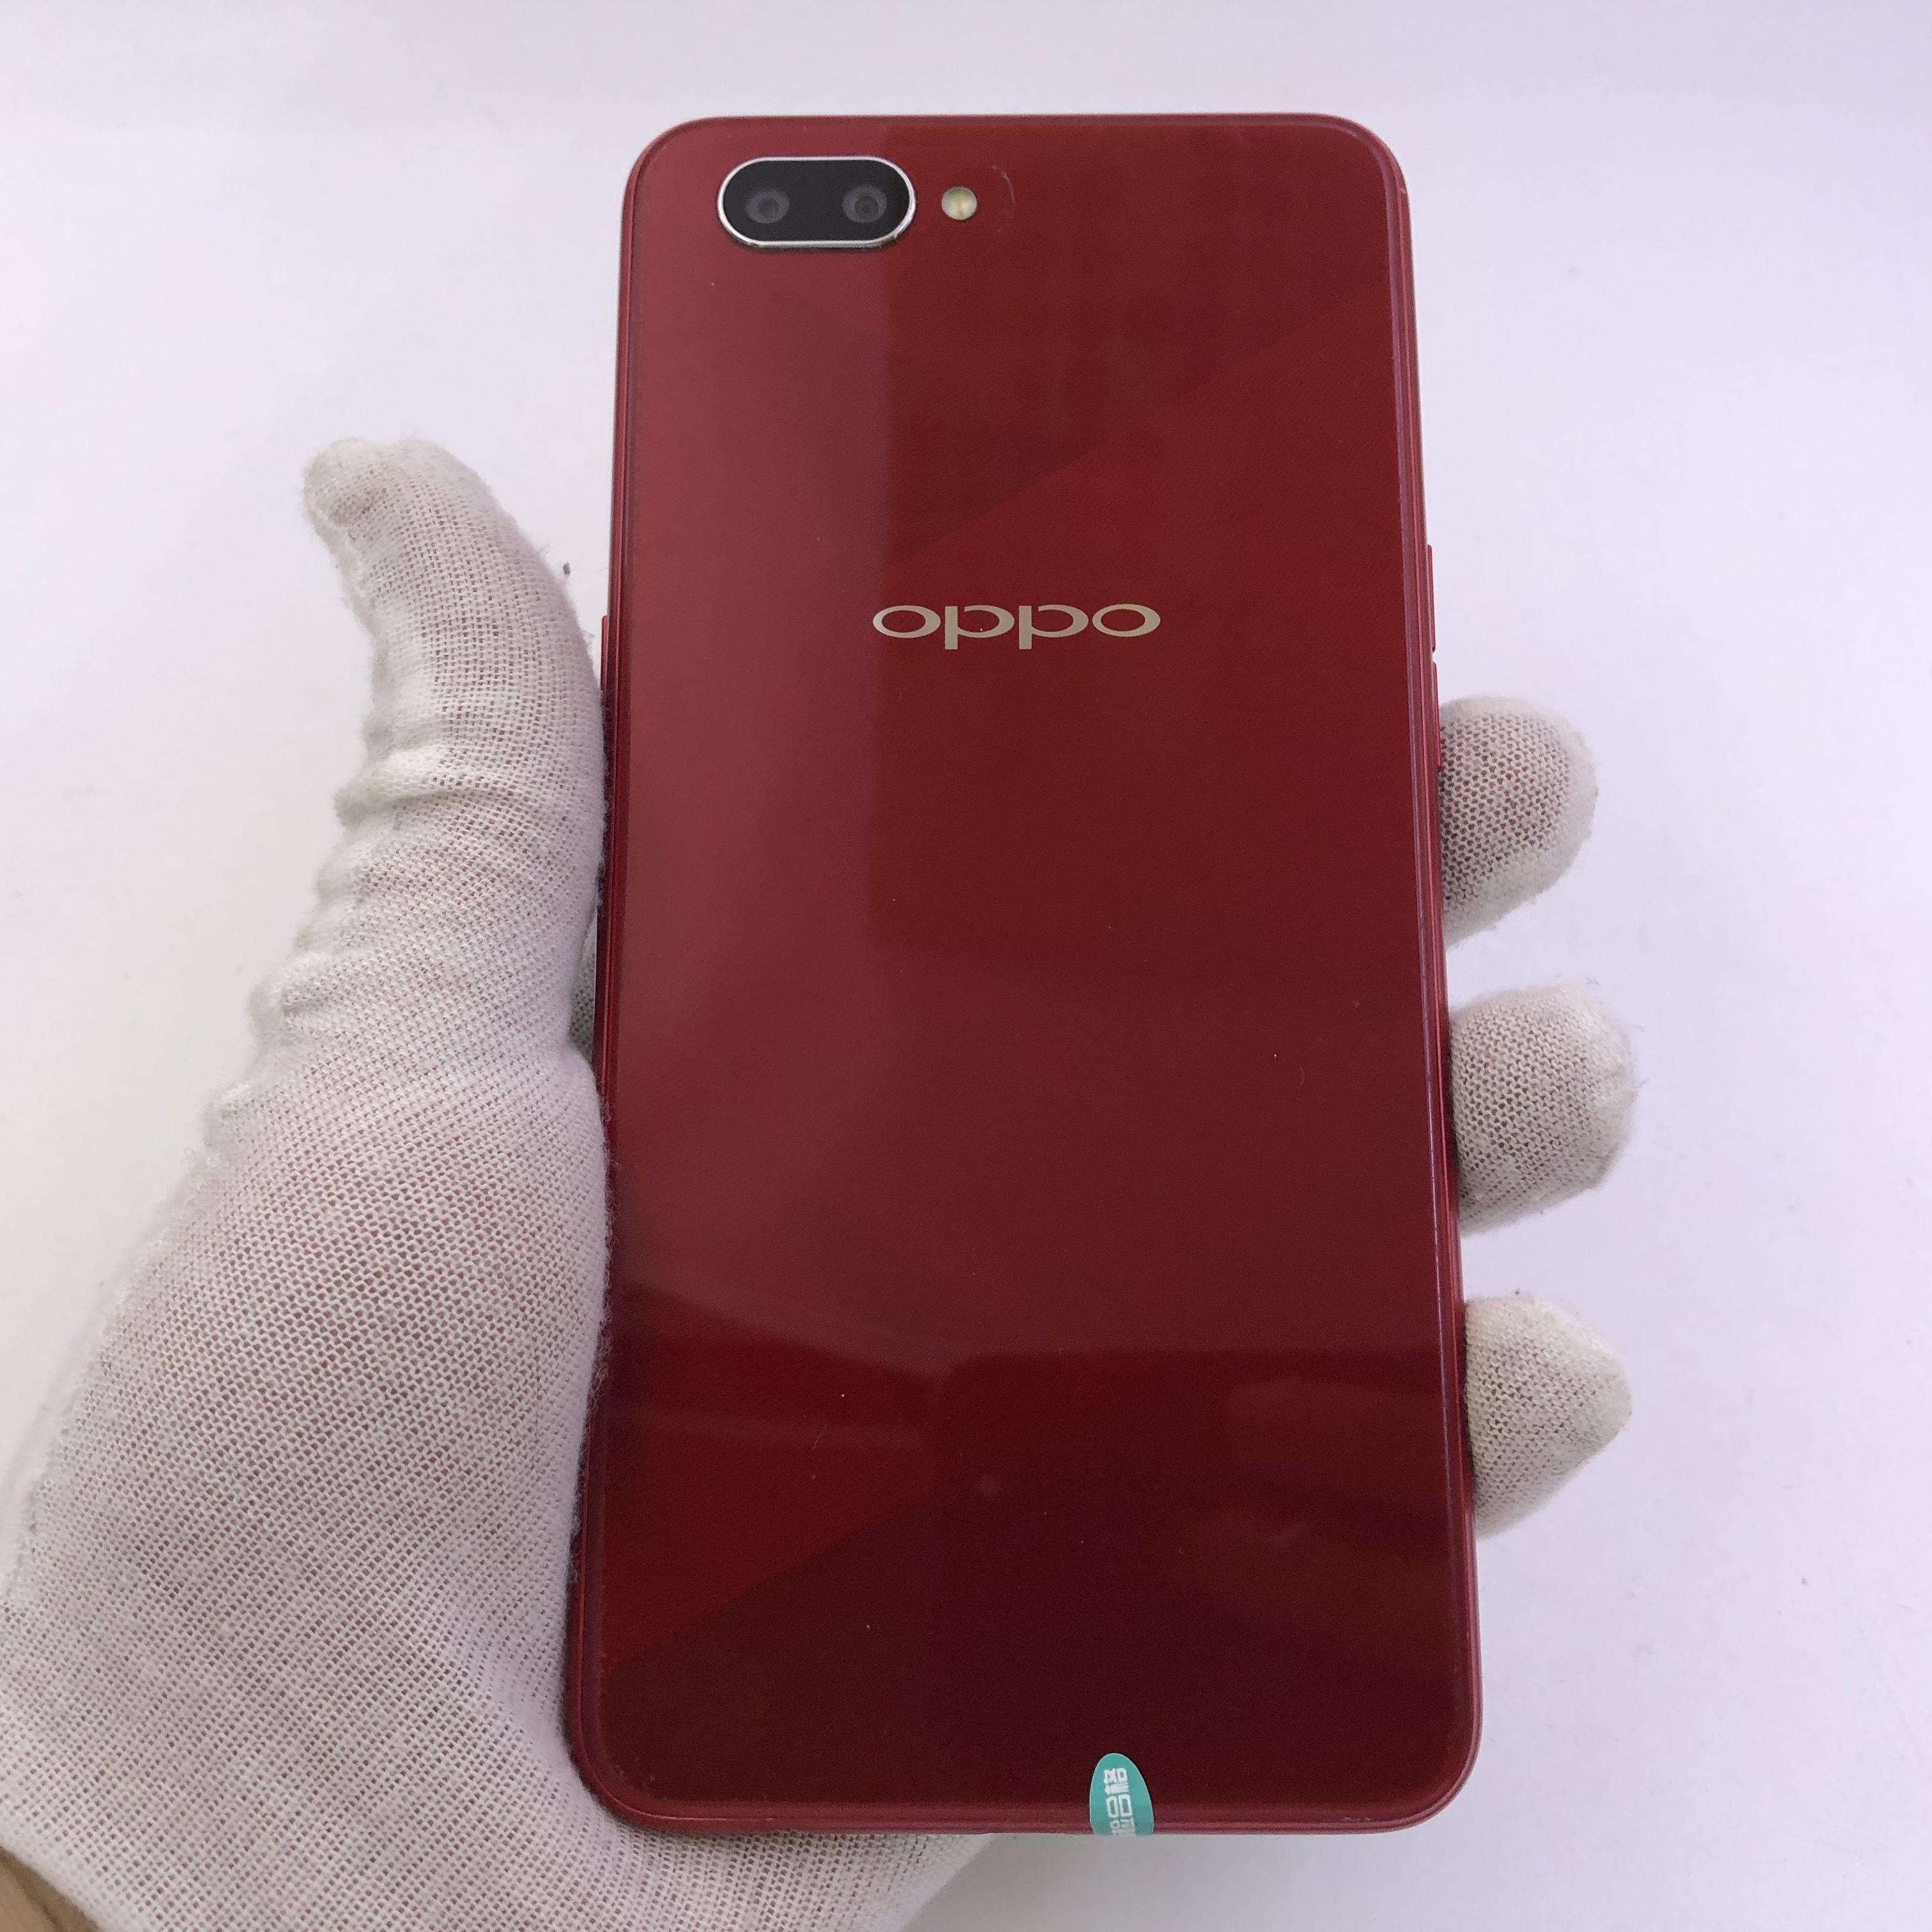 oppo【A5】4G全网通 红色 4G/64G 国行 95新